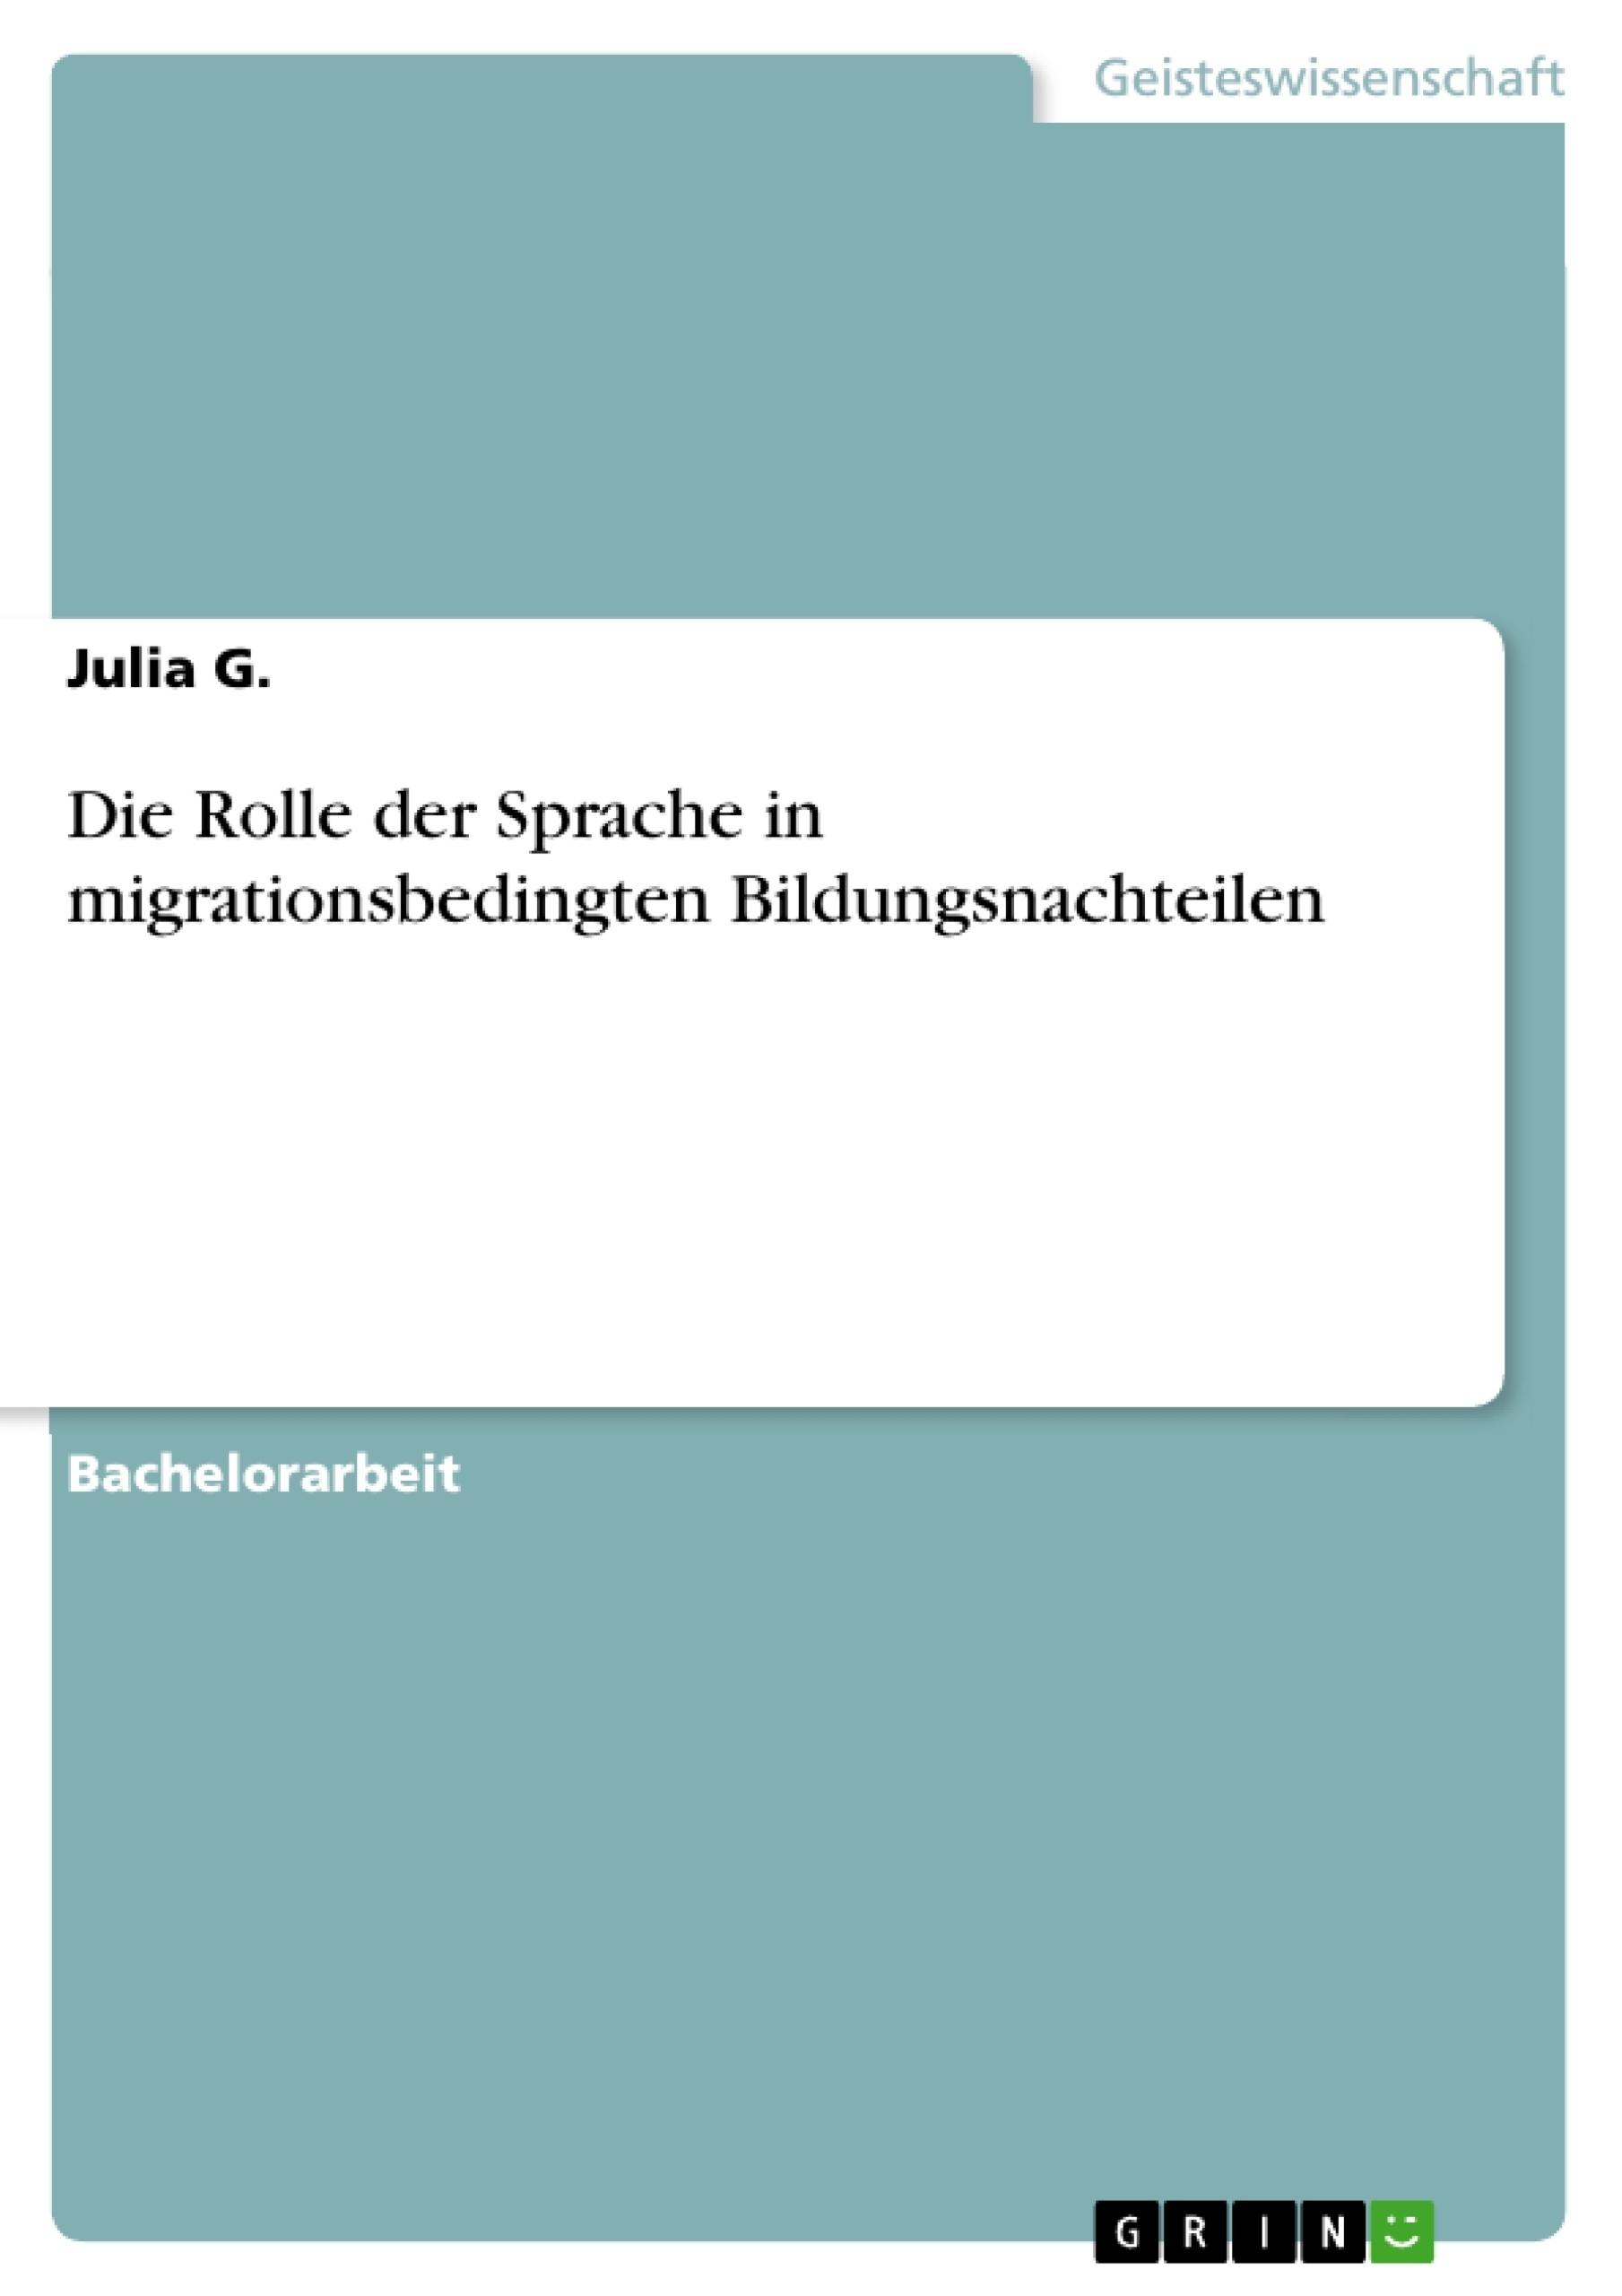 Titel: Die Rolle der Sprache in migrationsbedingten Bildungsnachteilen